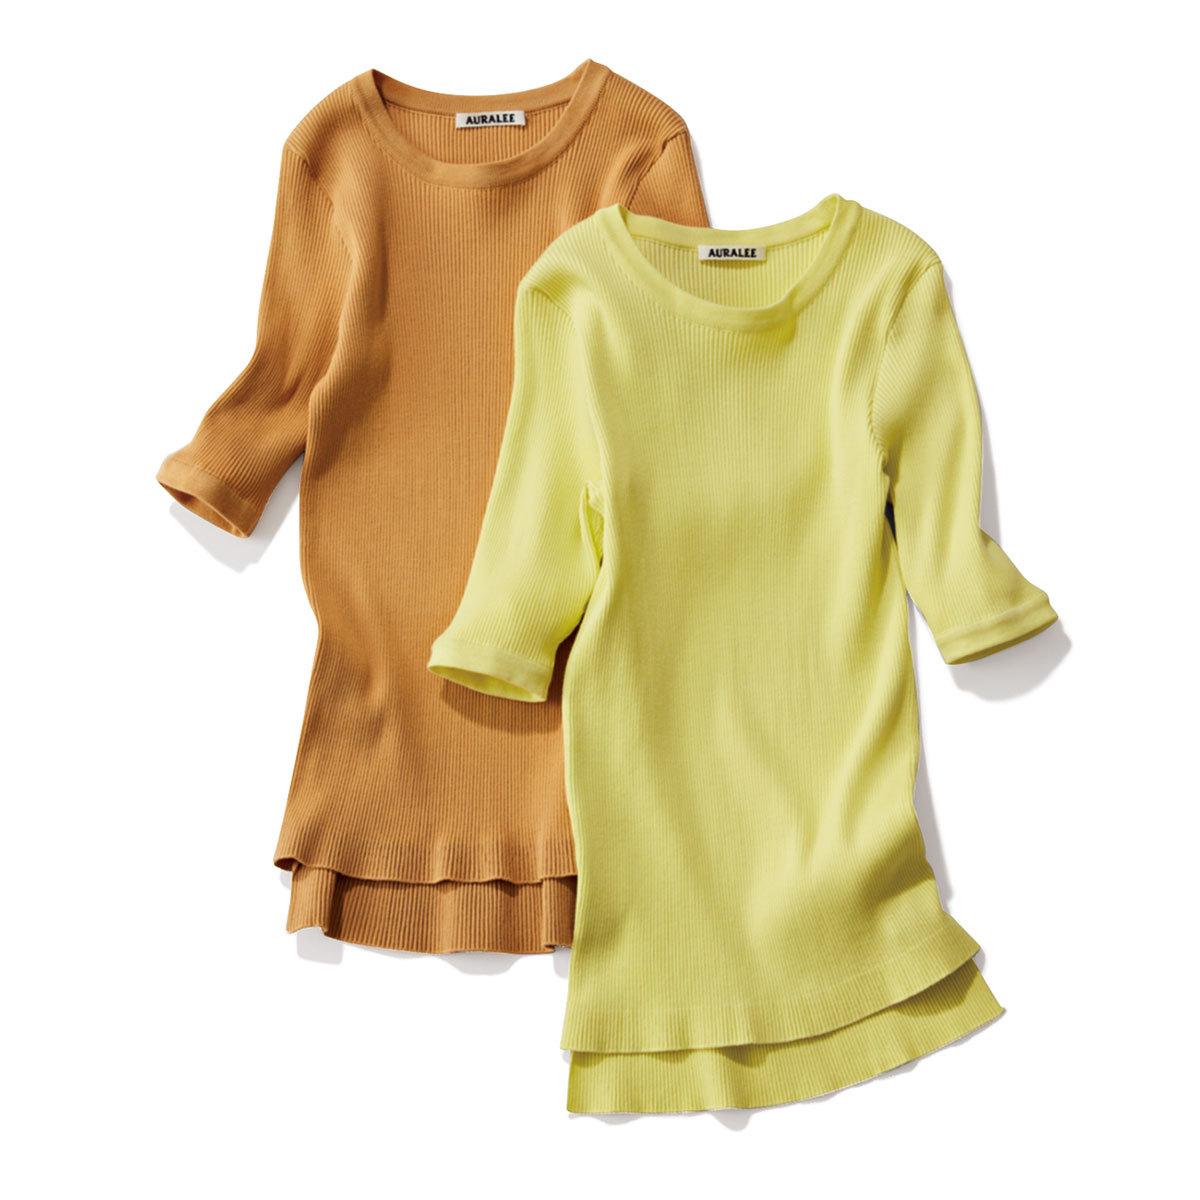 40代ファッション2019年夏のお買い物_AURALEEの半袖リブニット